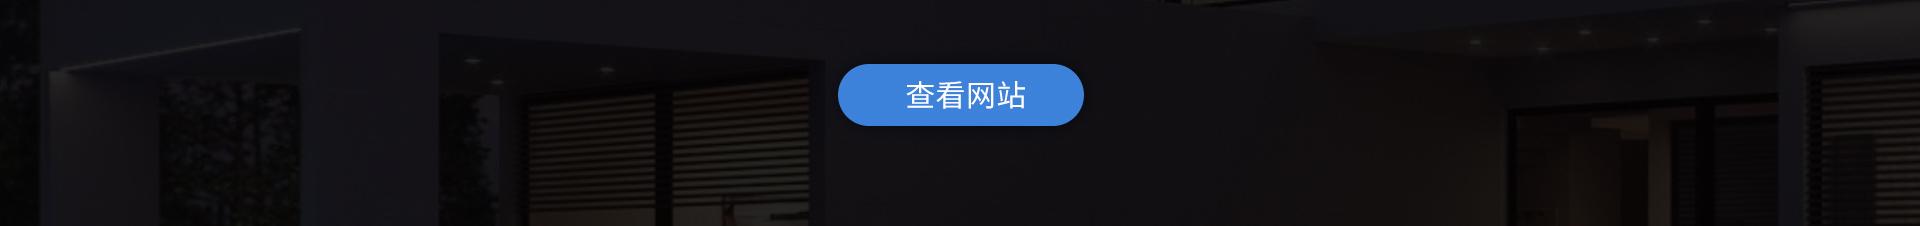 页面-雷瑾珊-雷瑾珊-宁波高新区铭宇房产经纪有限公司_02